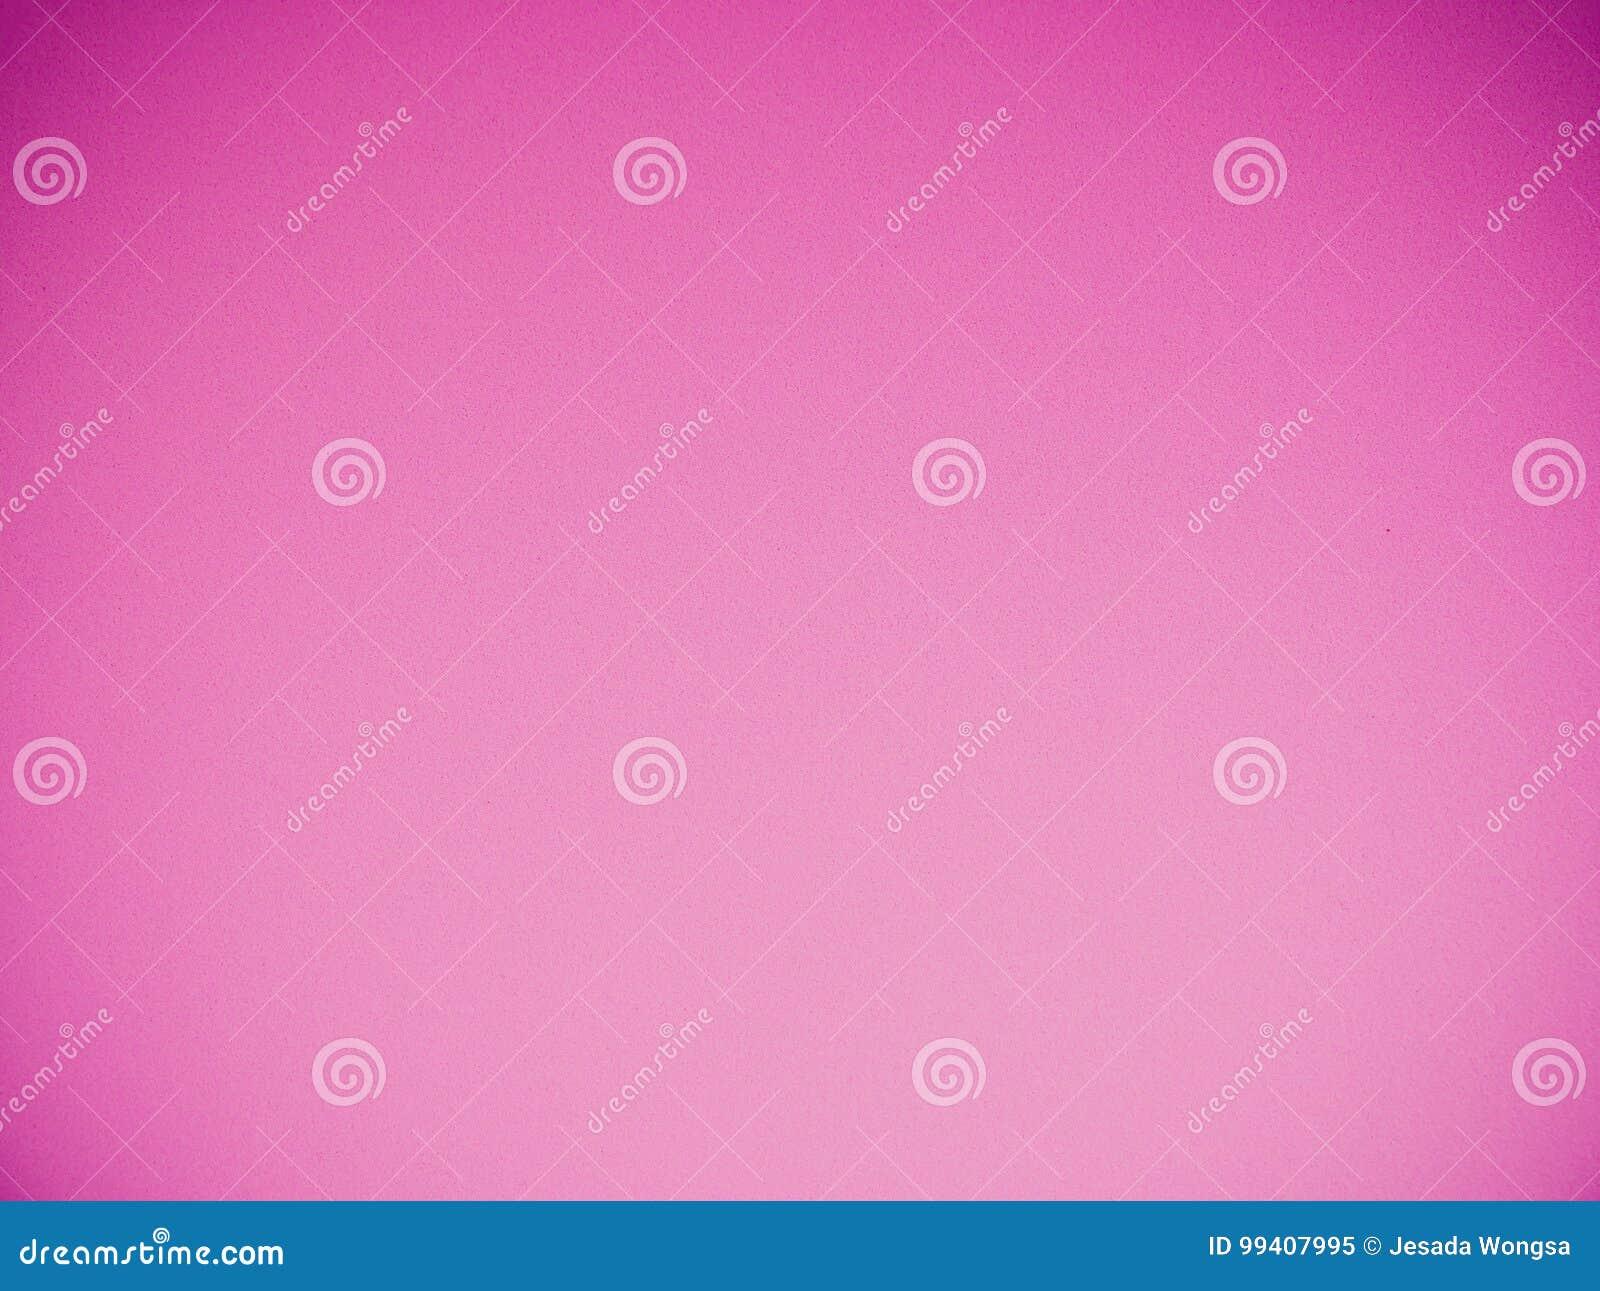 Fondo rosado del extracto de la pendiente con textura del papel de la esponja de la espuma para el diseño web o el contexto del e